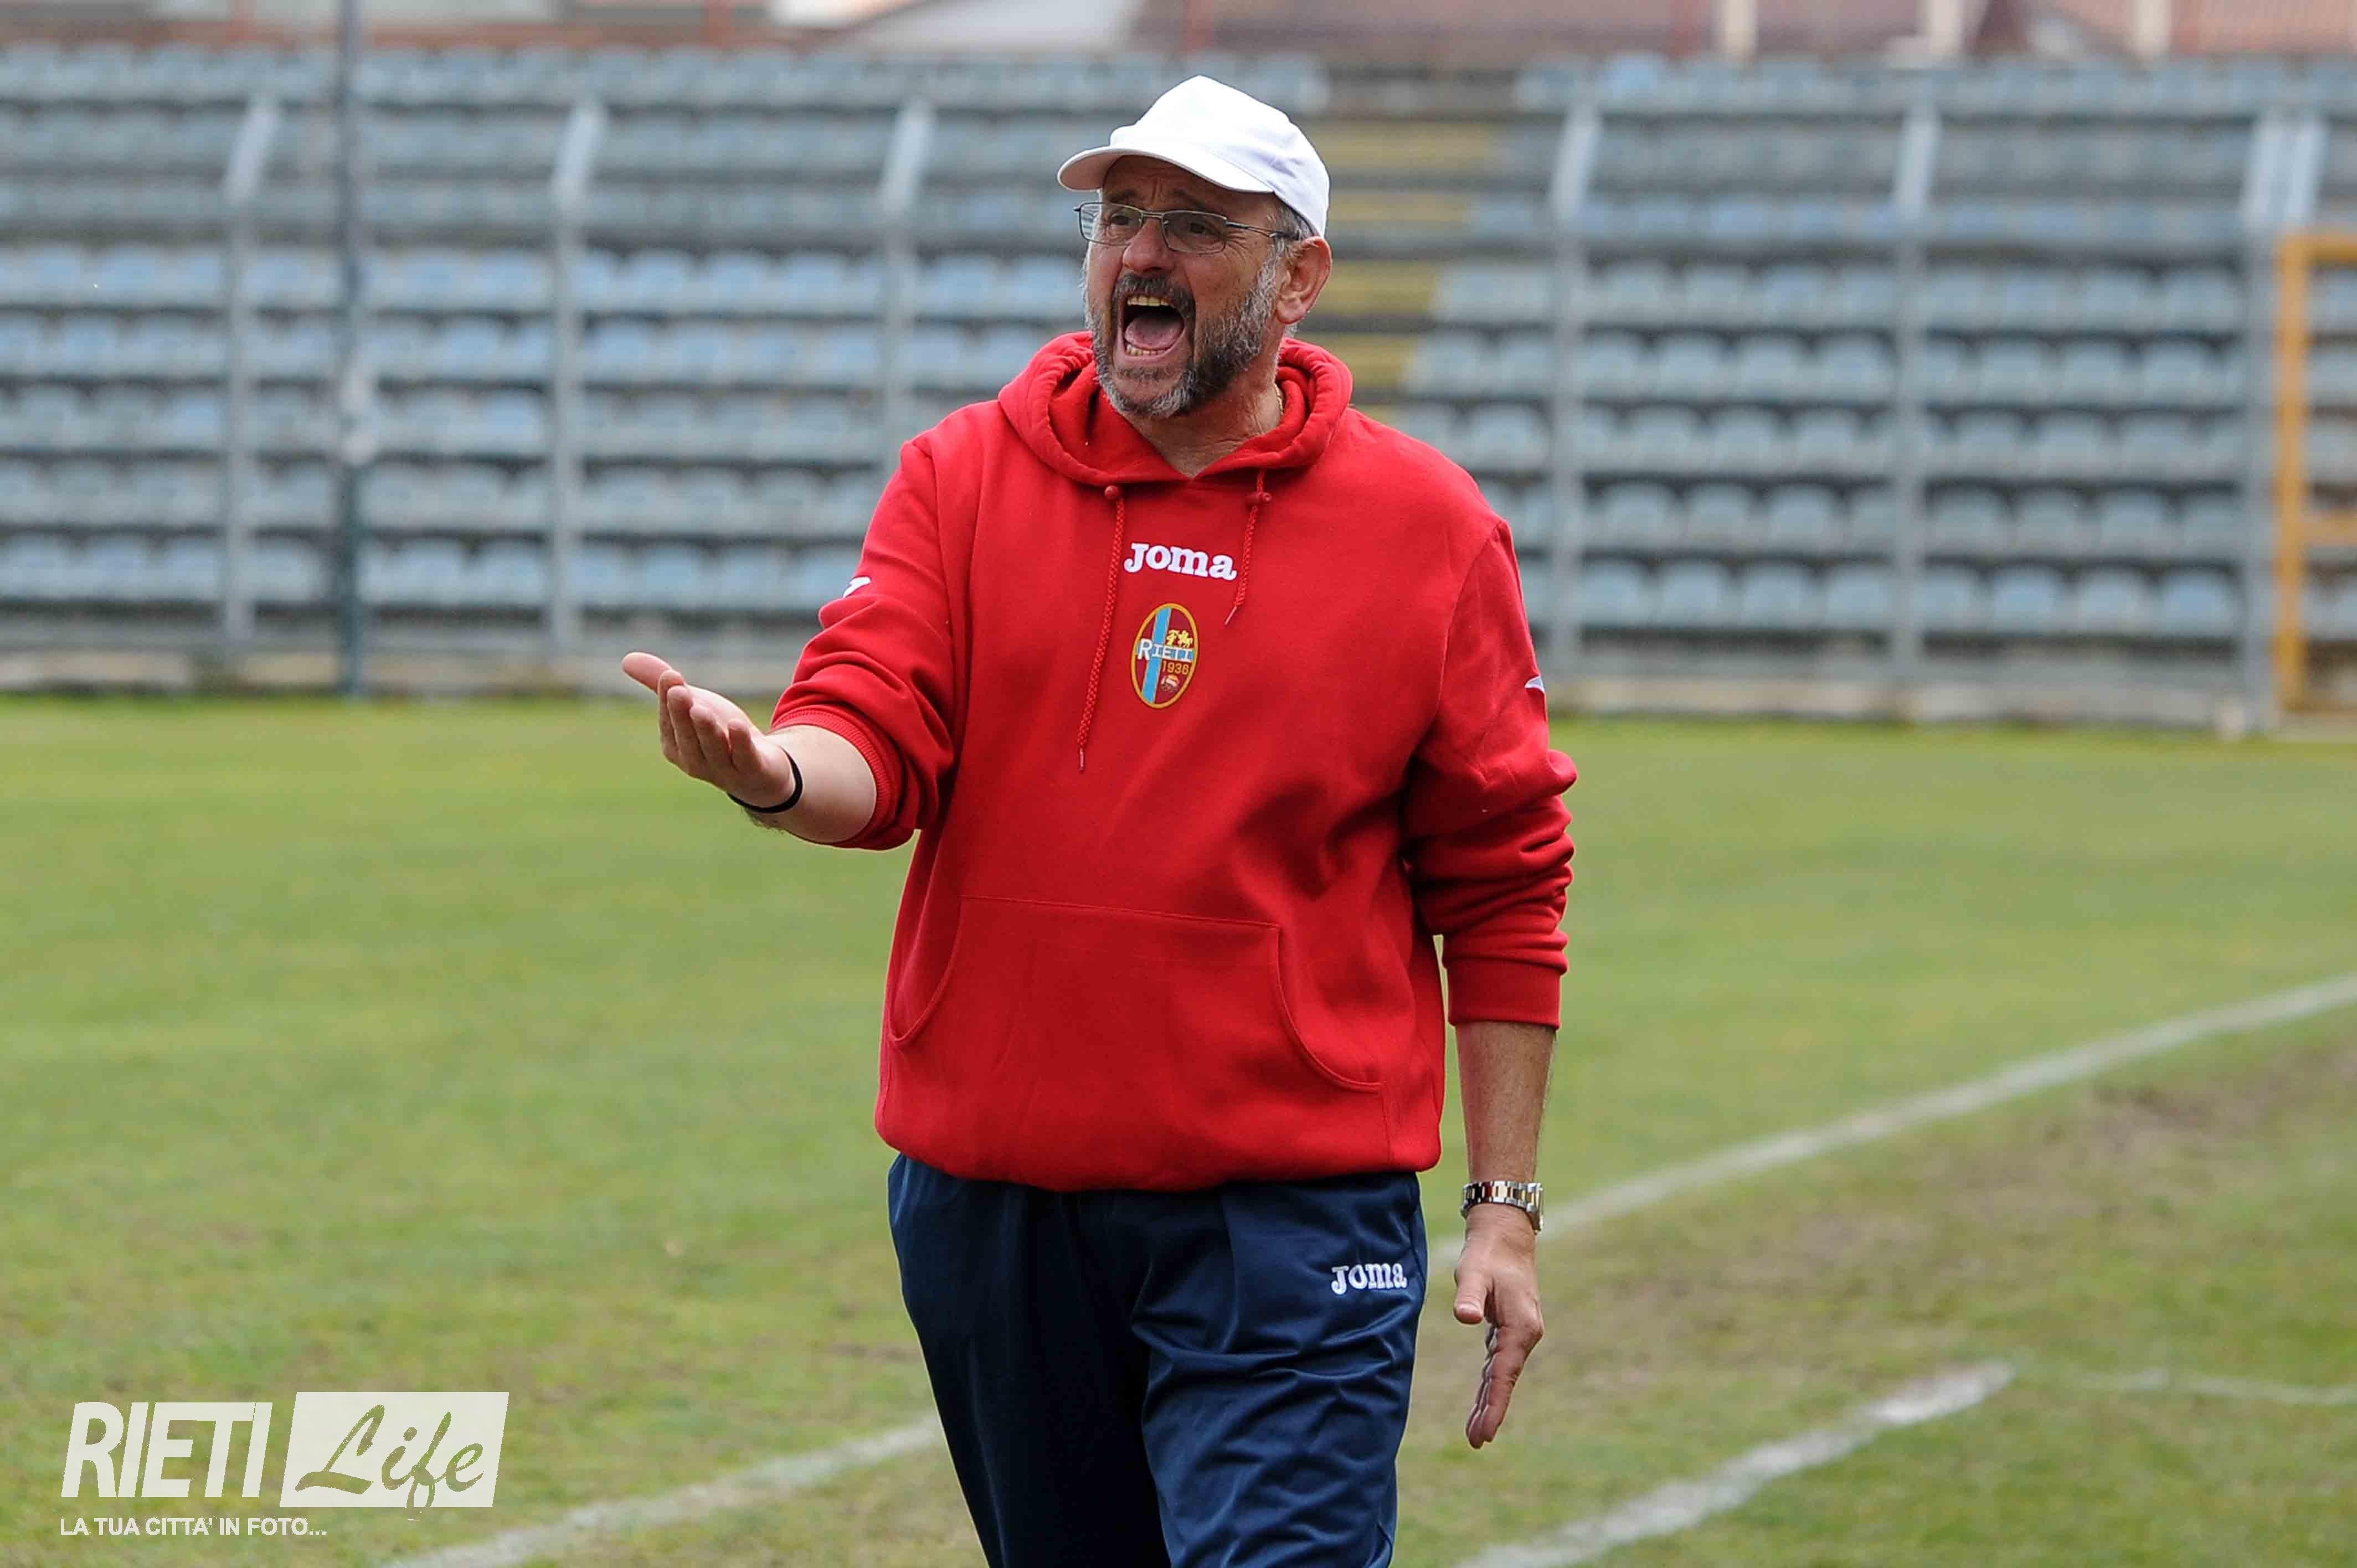 Napoli, Beoni allenerà la Primavera: bestia nera ed ex-allenatore di Sarri